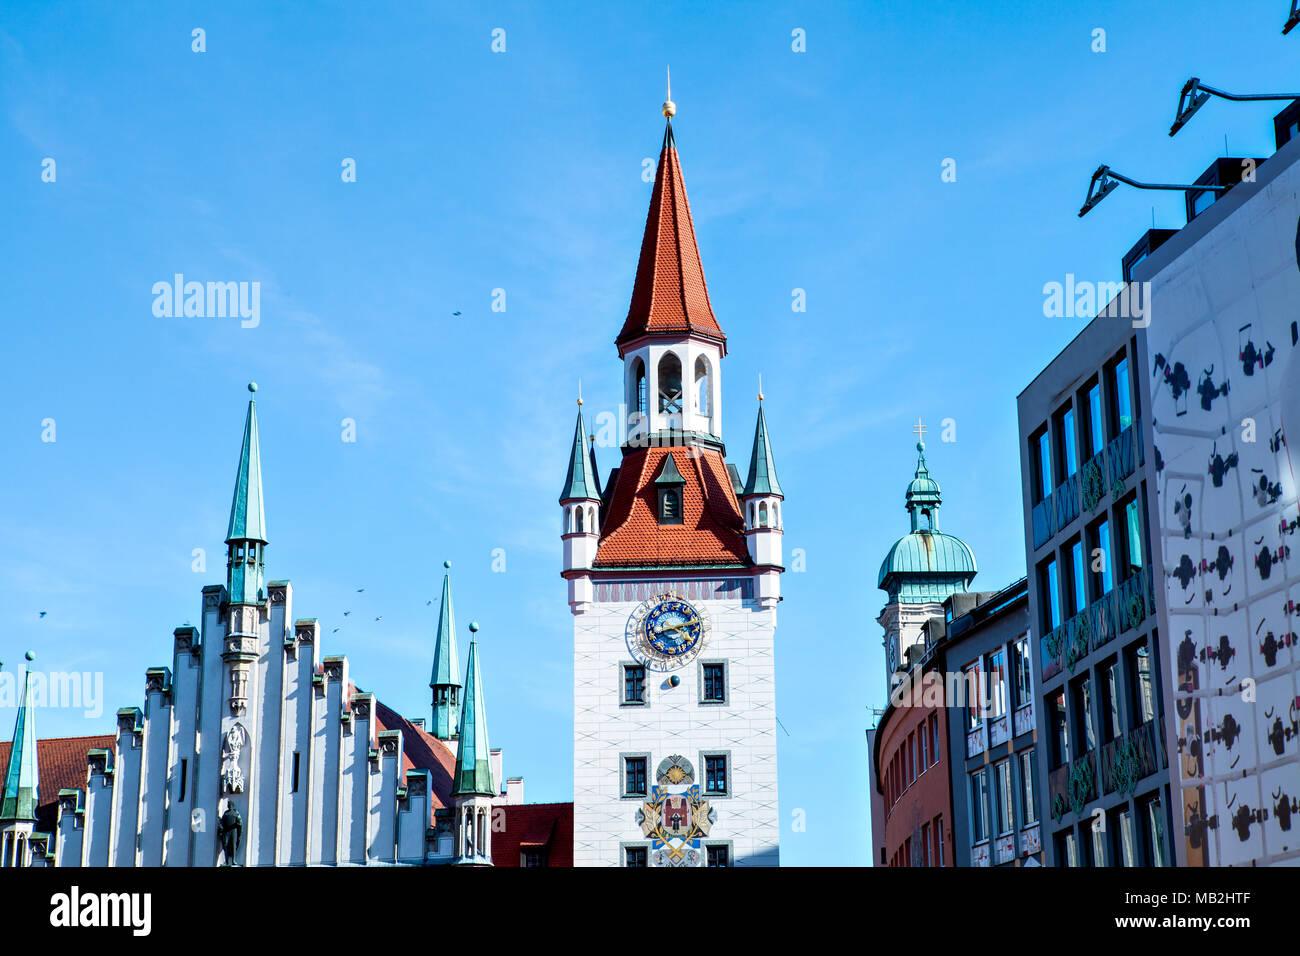 Il municipio vecchio a Marienplatz a Monaco di Baviera (la piazza di Maria) Immagini Stock